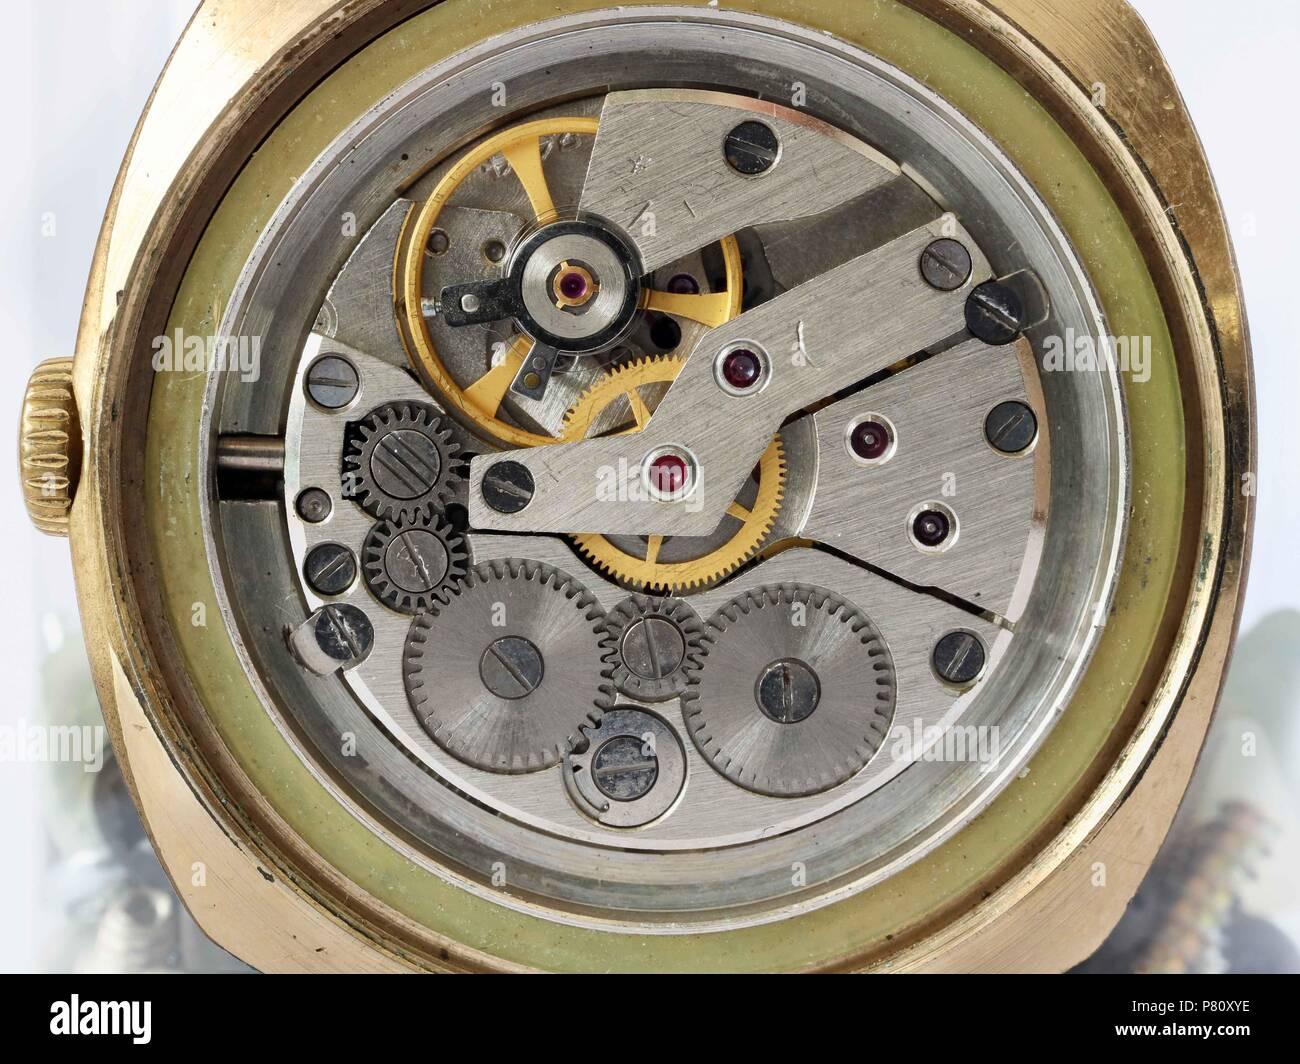 Difettoso ingranaggi sporchi da vecchi orologi da polso meccanici dal ventesimo secolo. Studio di ripresa macro Immagini Stock